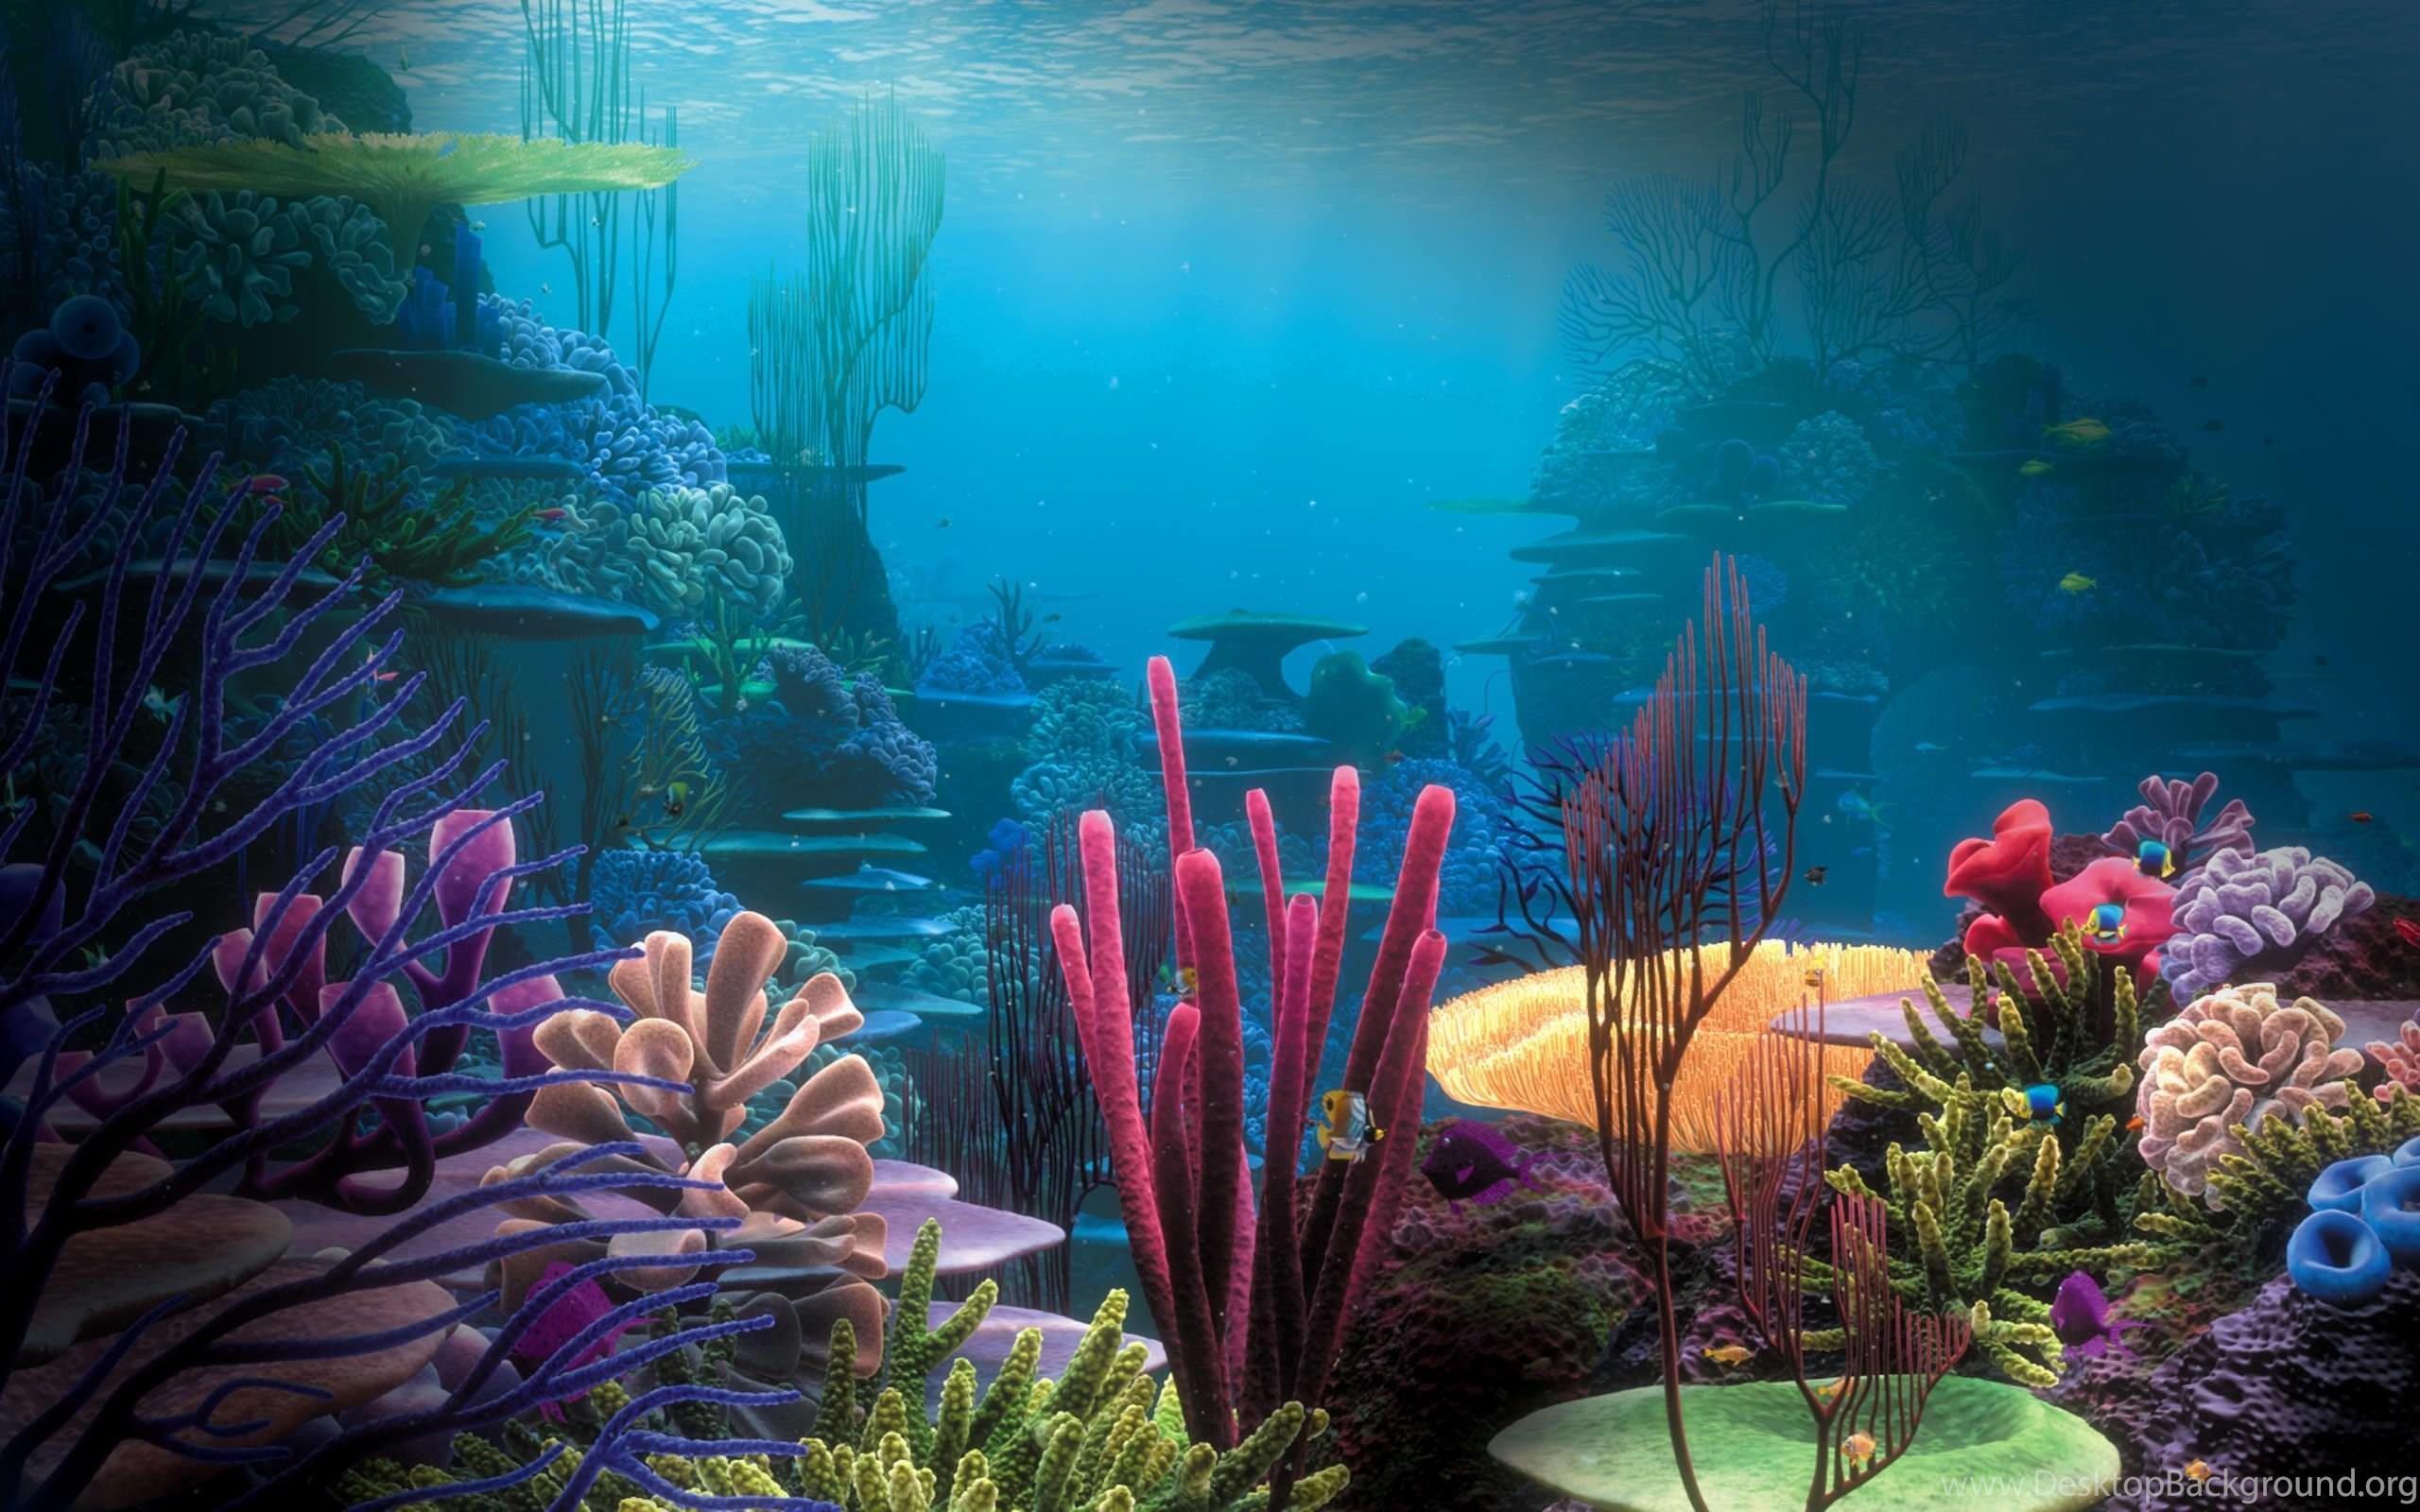 ocean scenes hd wallpaper, ocean scenes pictures desktop background